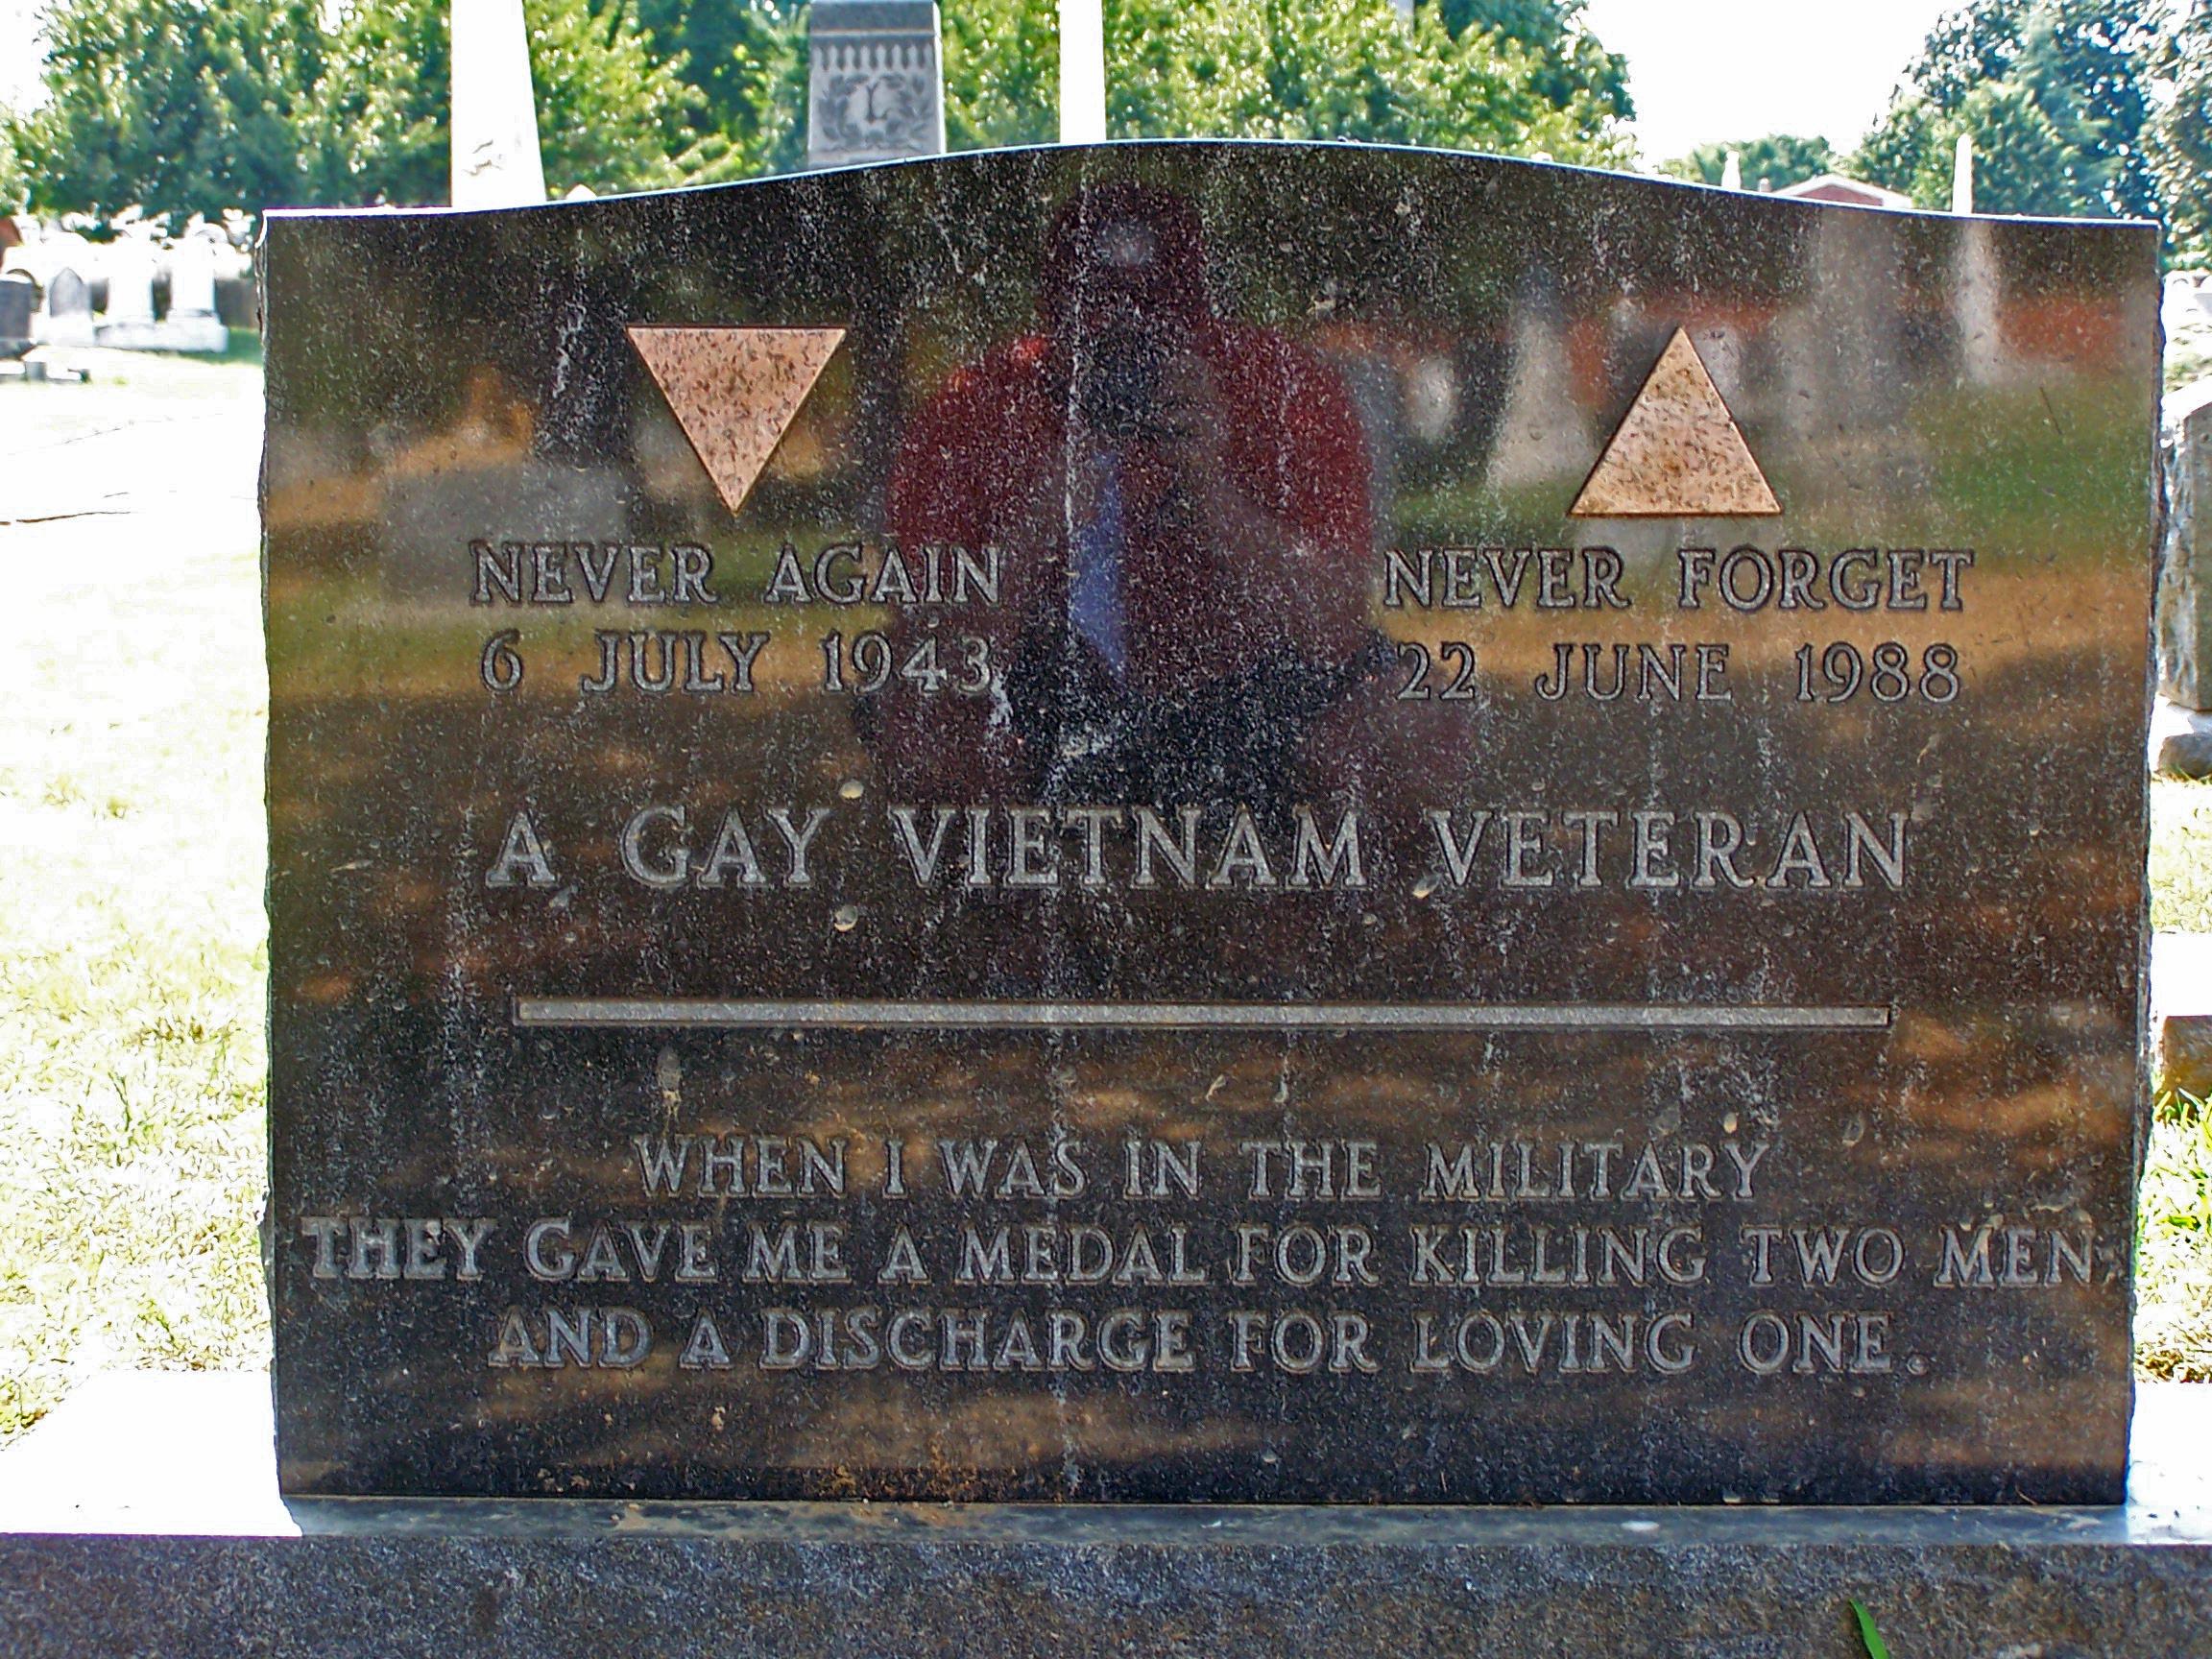 A Gay Vietnam Veteran 2